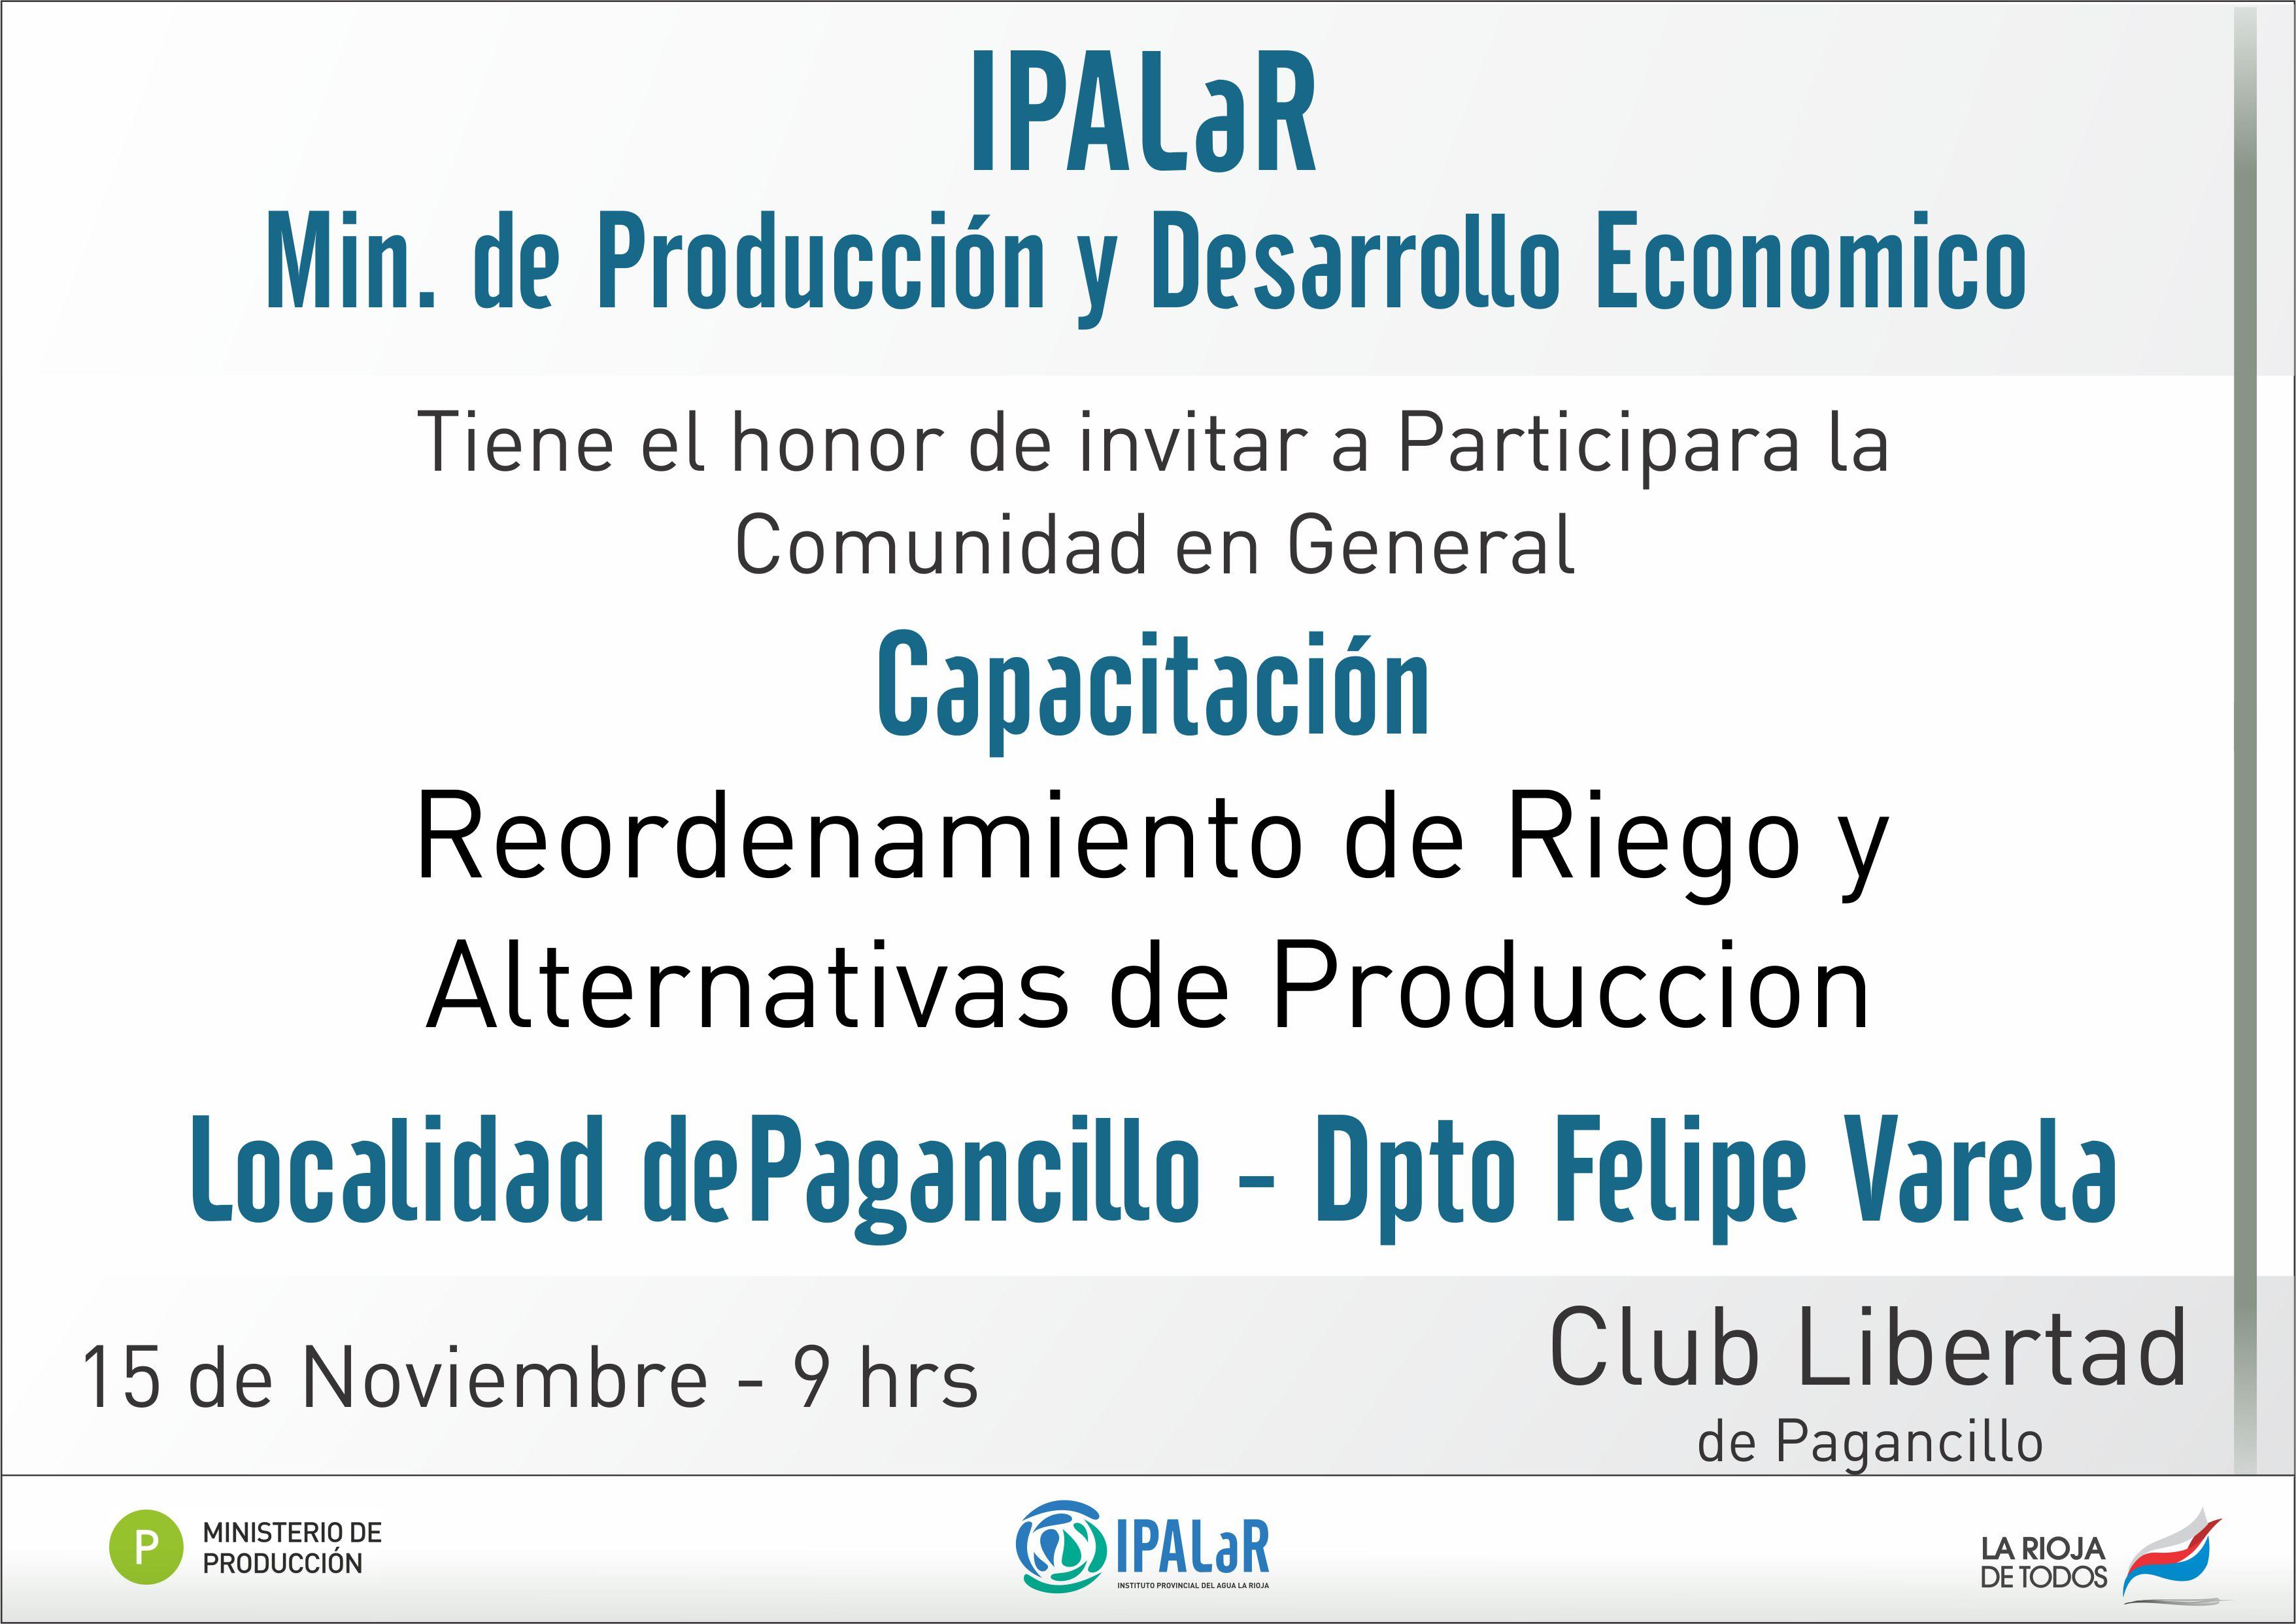 Ipalar y el ministerio de producci n realizan for Ministerio de produccion